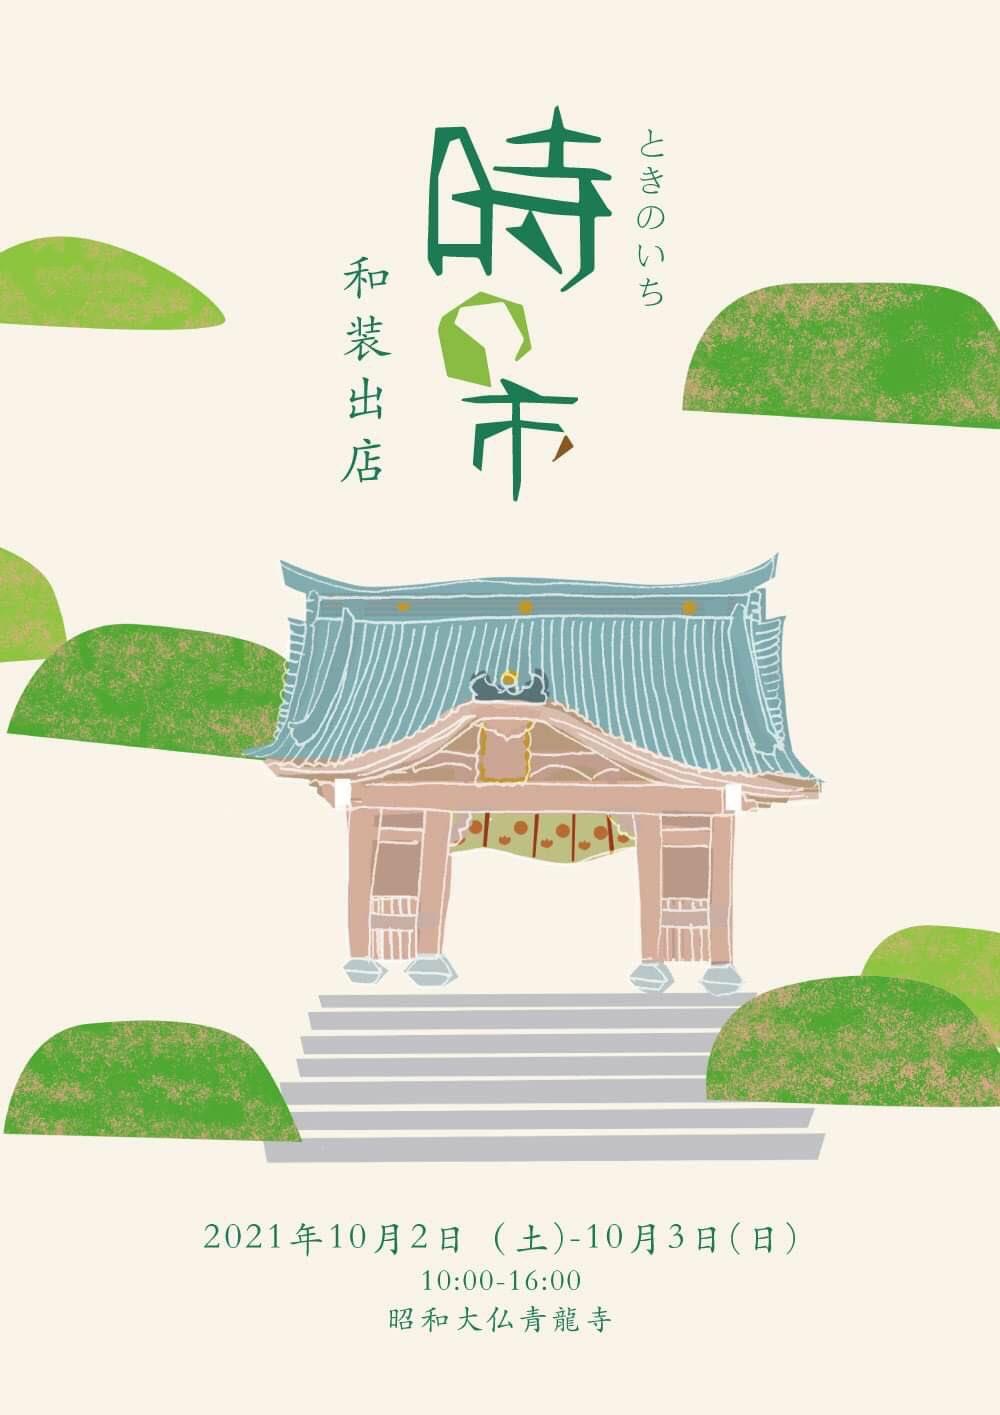 青龍寺で【時の市】が開催されます!